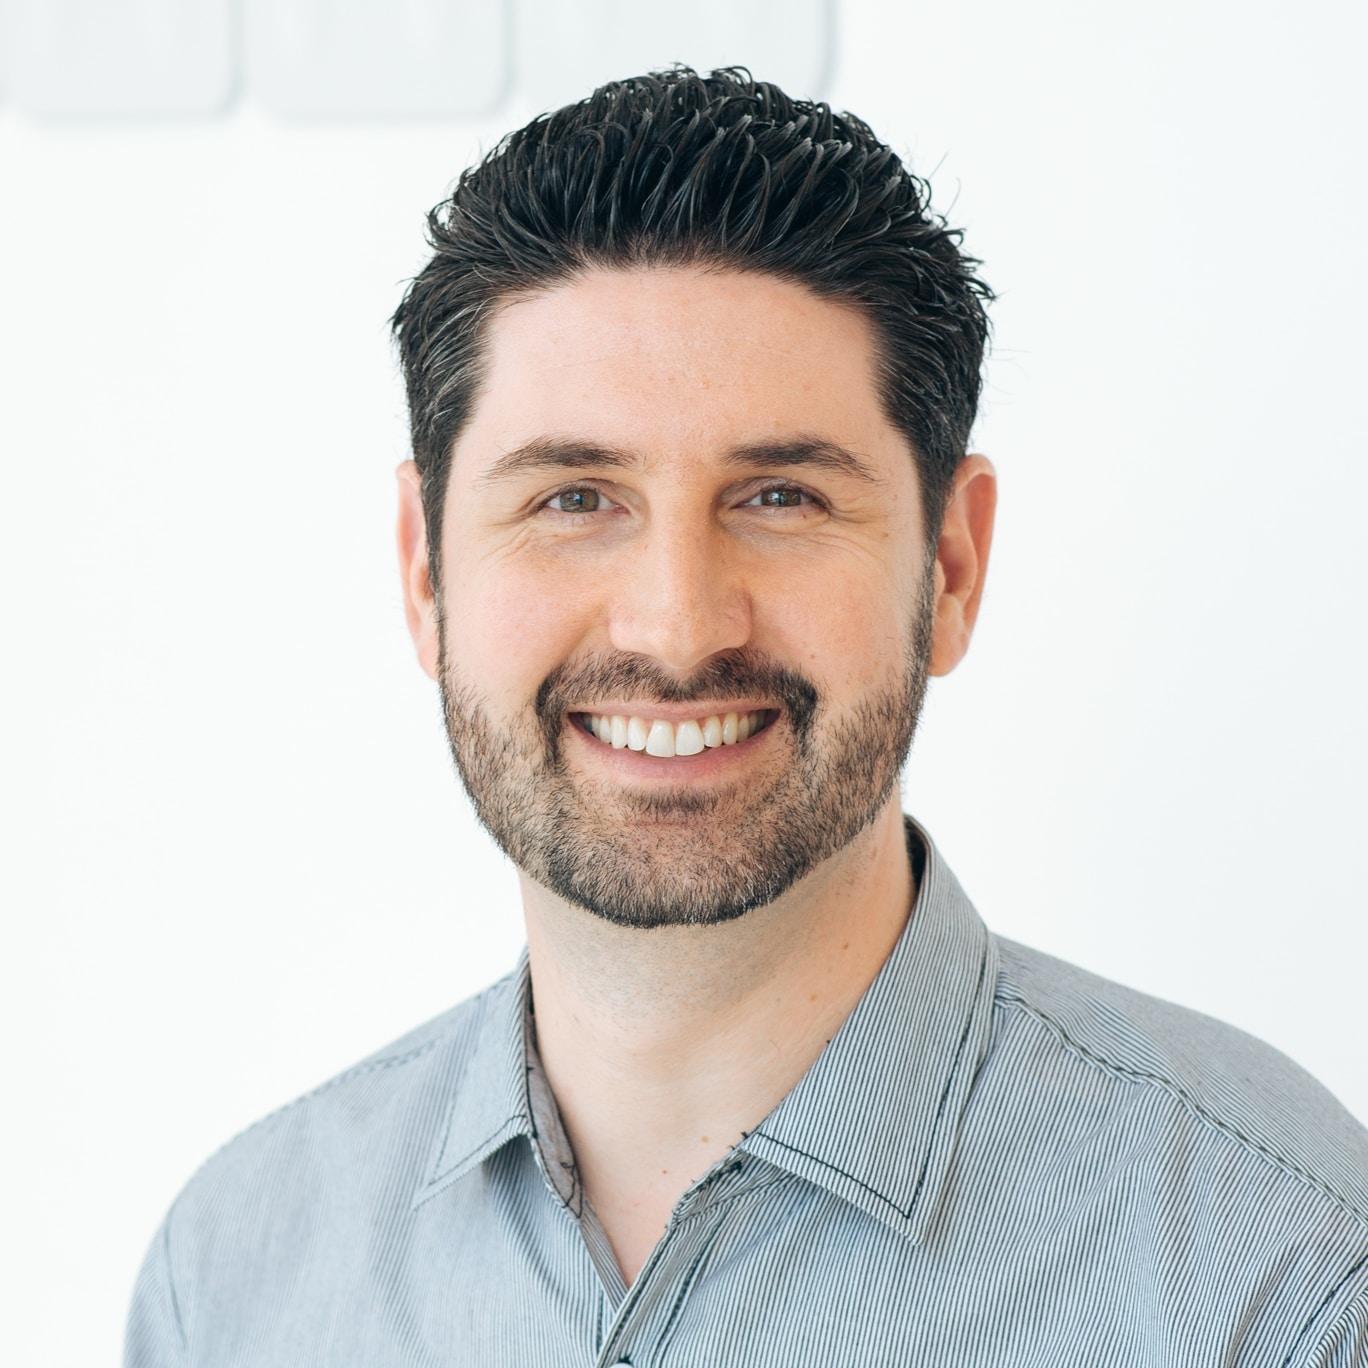 Avatar of user John Salvino